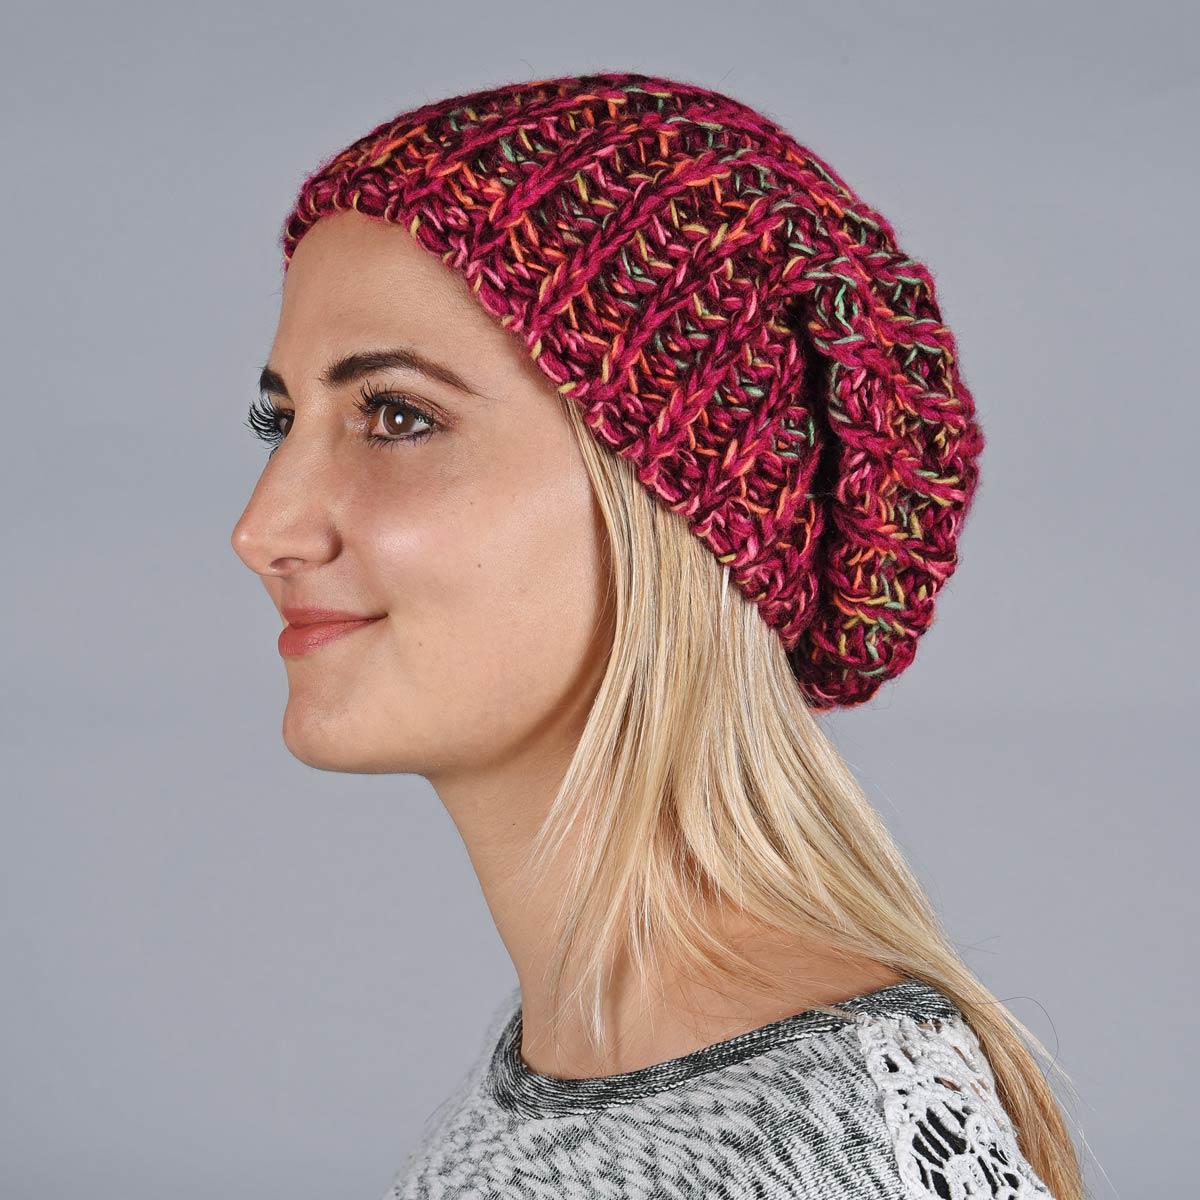 CP-01560_W12-1--_Bonnet-long-fantaisie-rouge